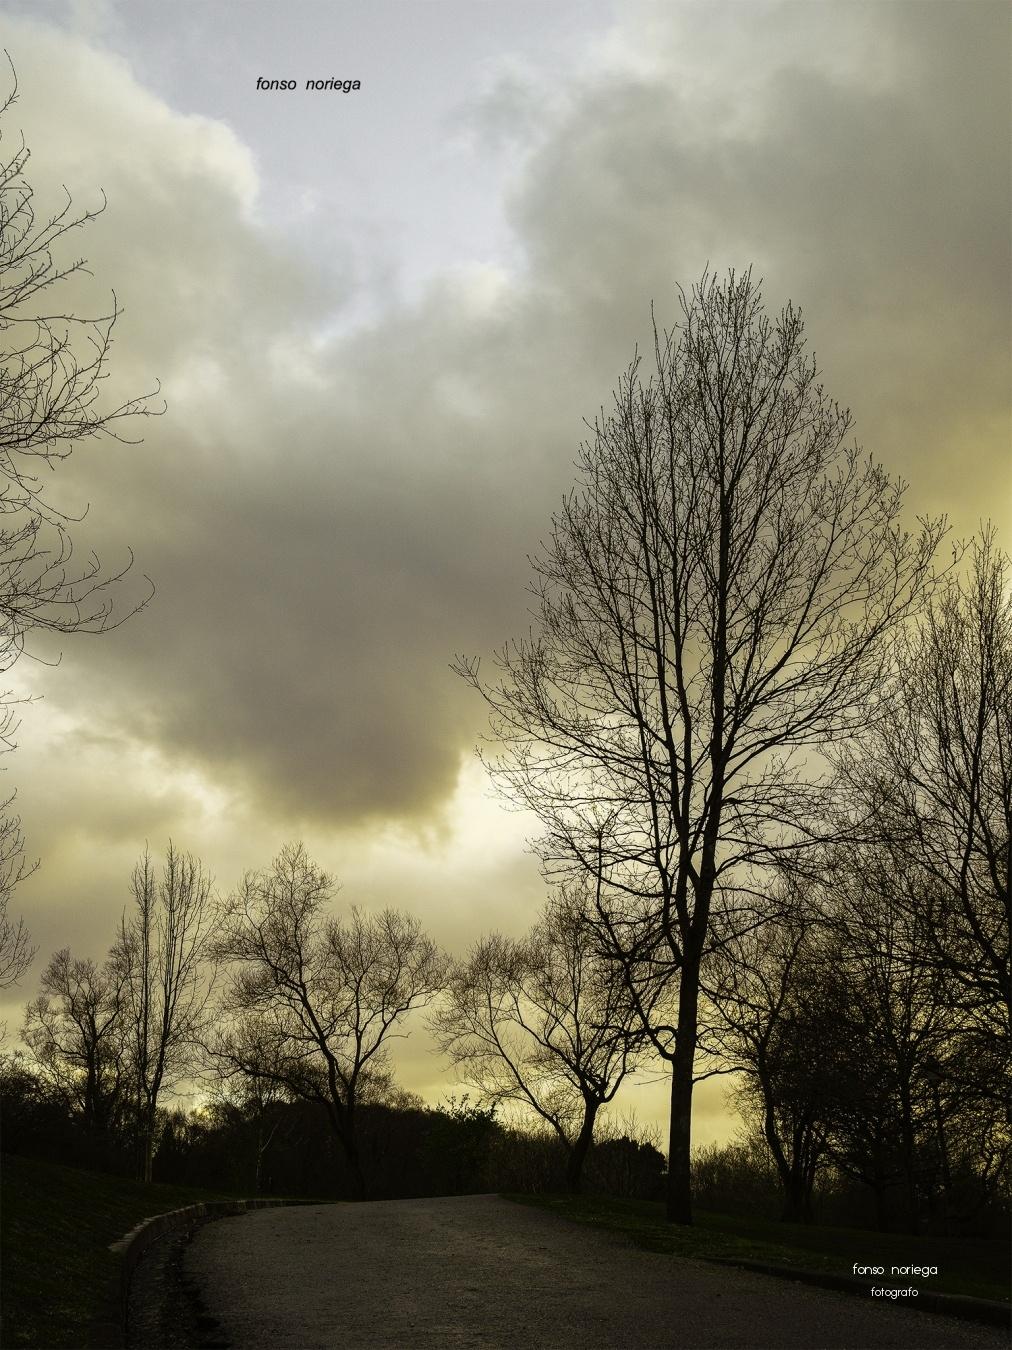 atardece - color - fonso noriega, fotógrafo